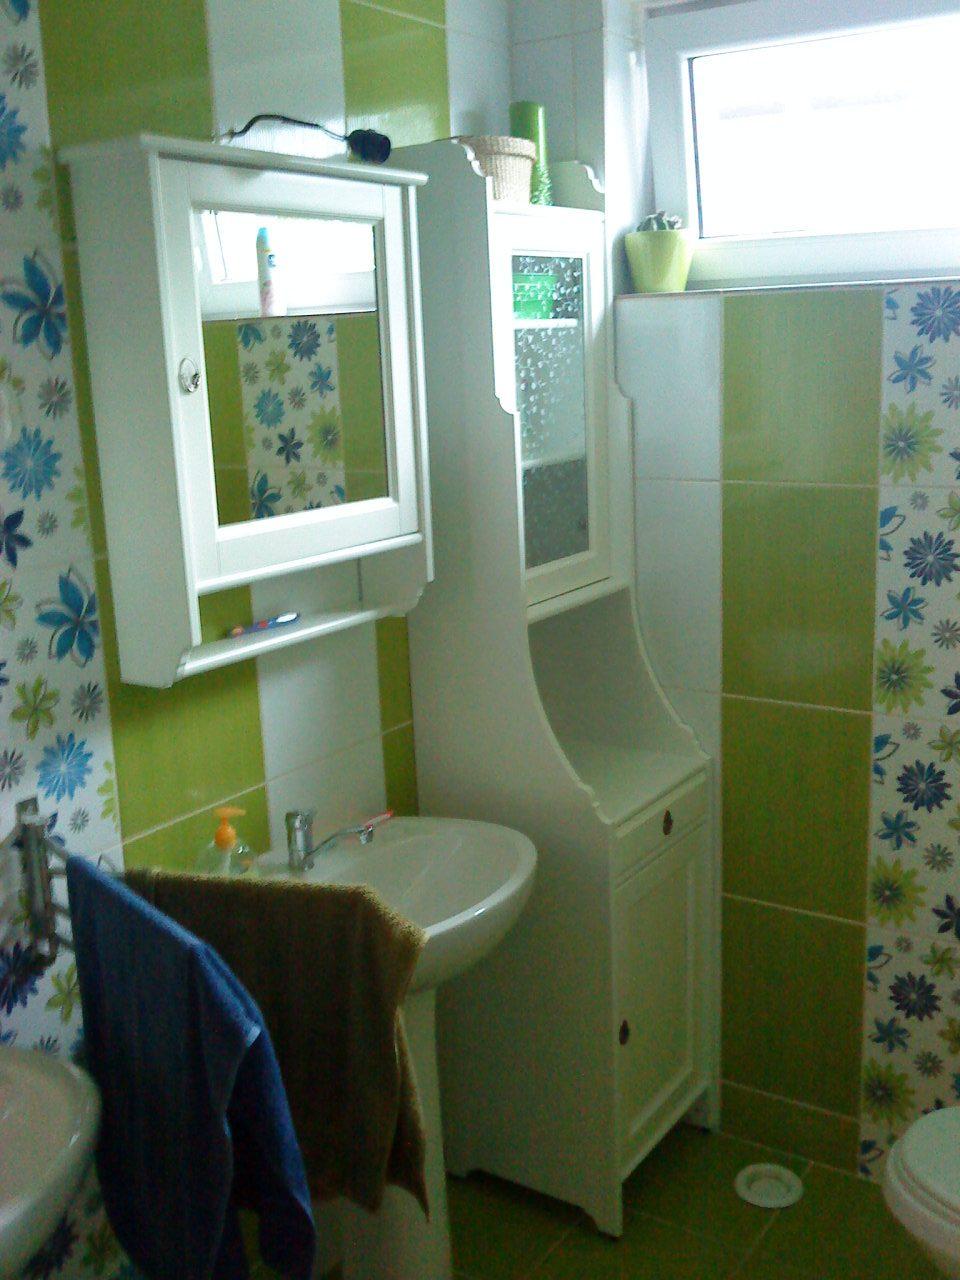 """Naše bývanie - """"Horná"""" kúpeľňa má dve umyvadlá, sprch. kút a WC. Na prízemí je druhá kúpeľňas s vaňou, práčkou a WC.:-)"""